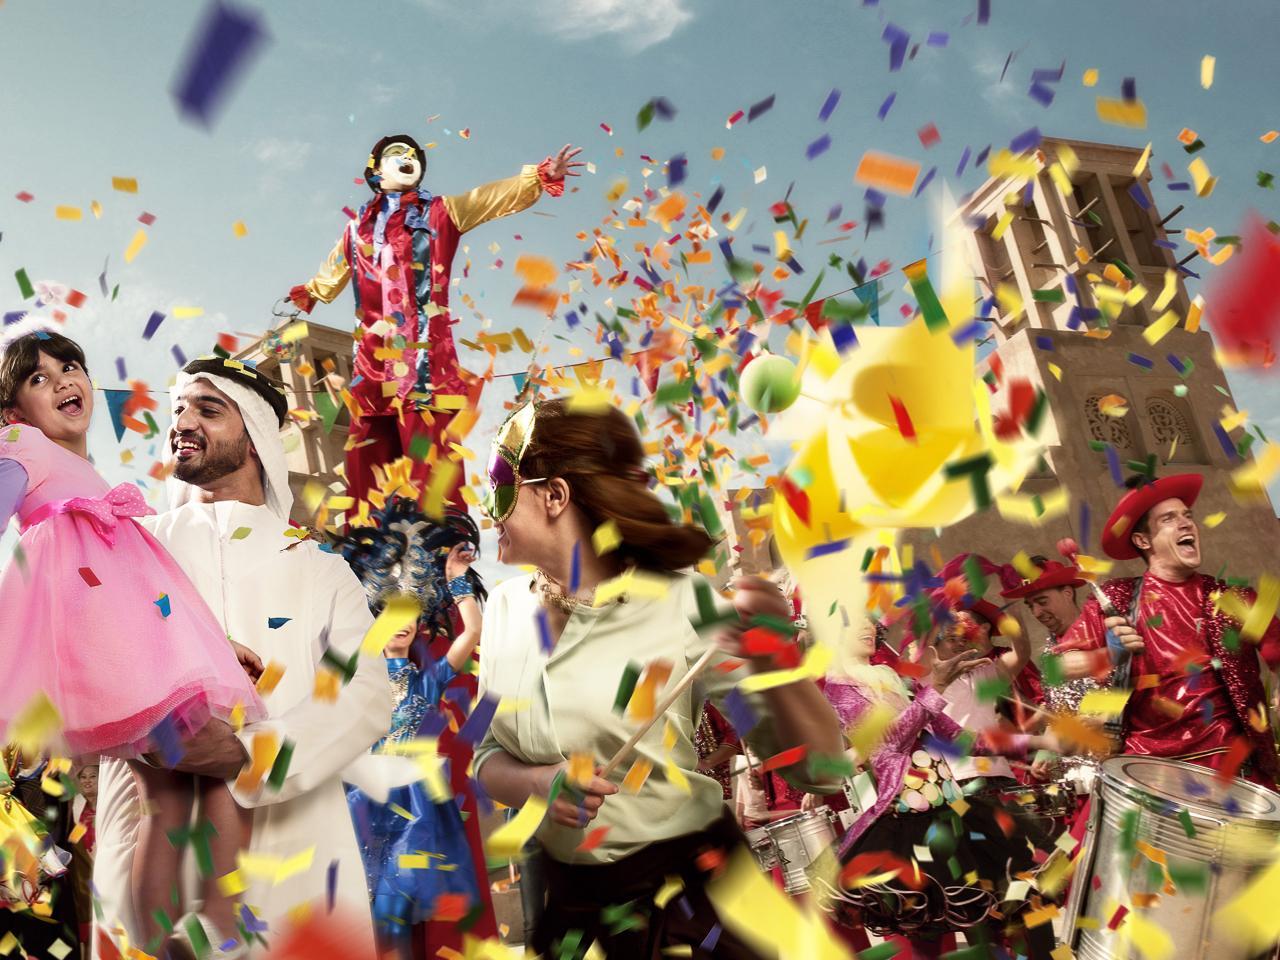 Фестиваль «Дубай - летние сюрпризы» проходит в Дубае